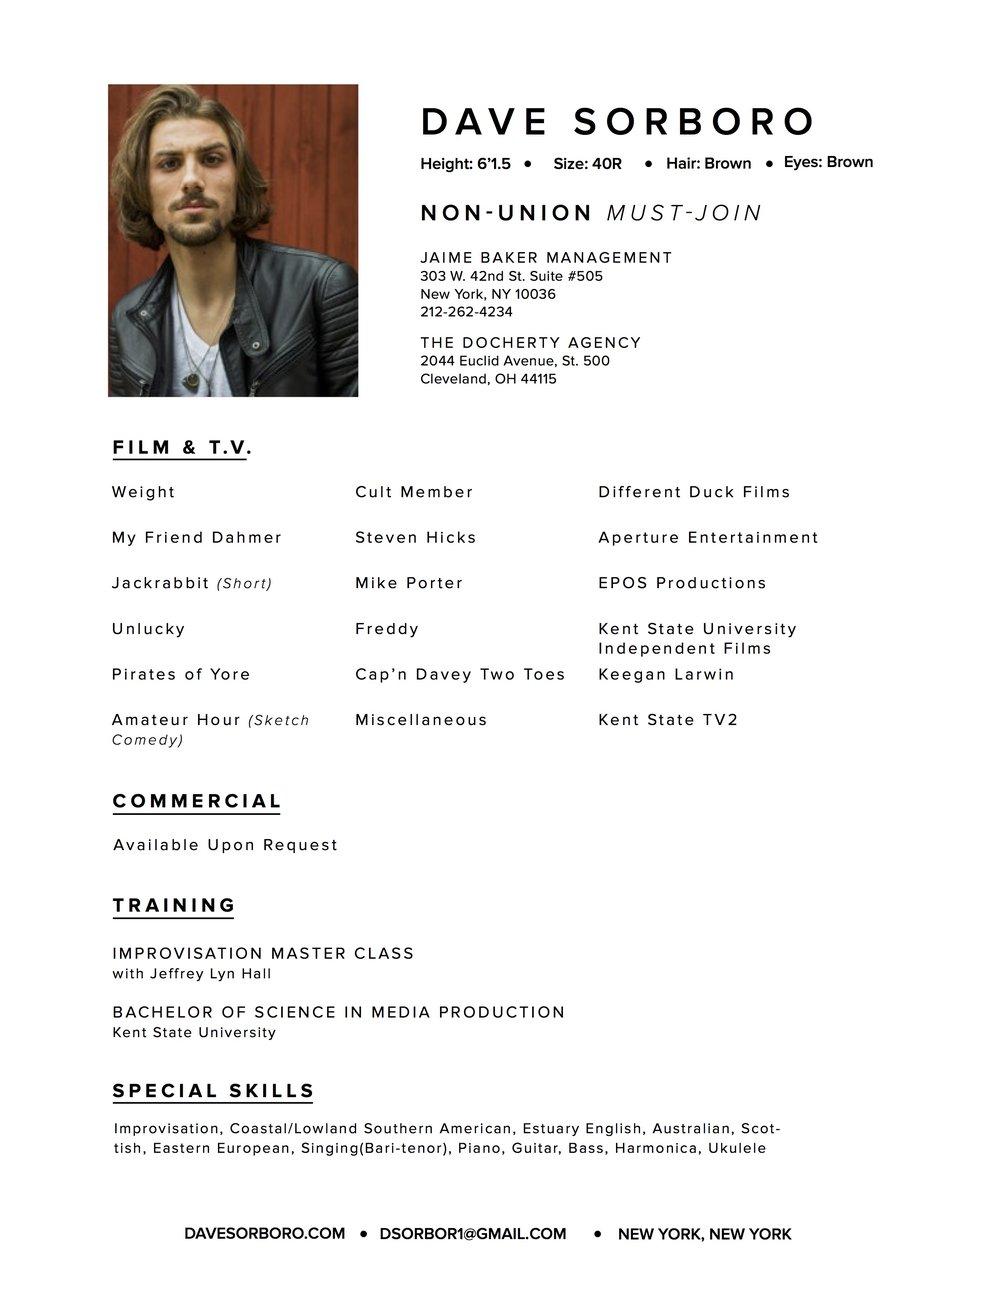 Talent Resume - Dave Sorboro.jpg